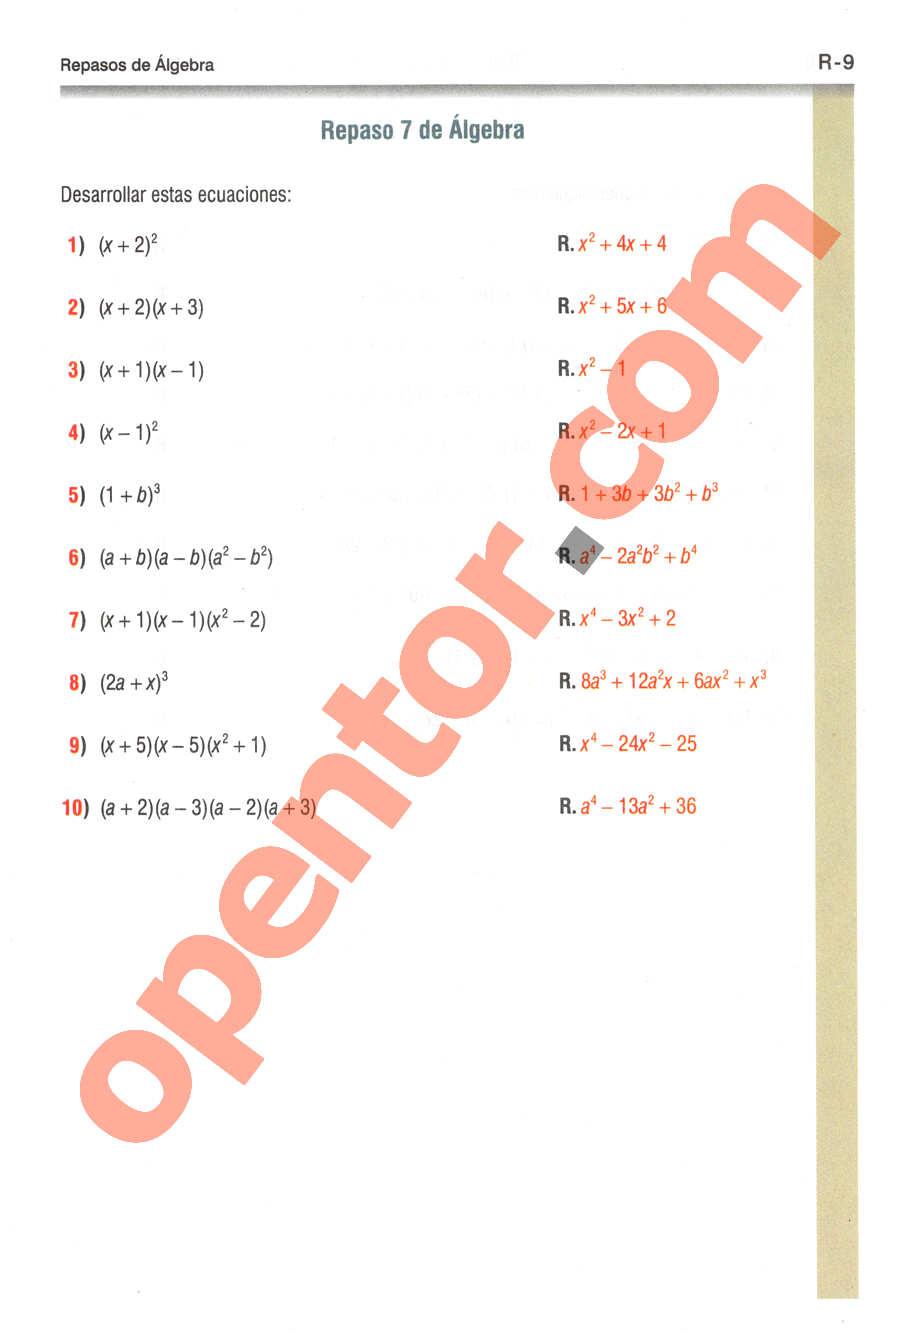 Geometría y Trigonometría de Baldor - Página R9